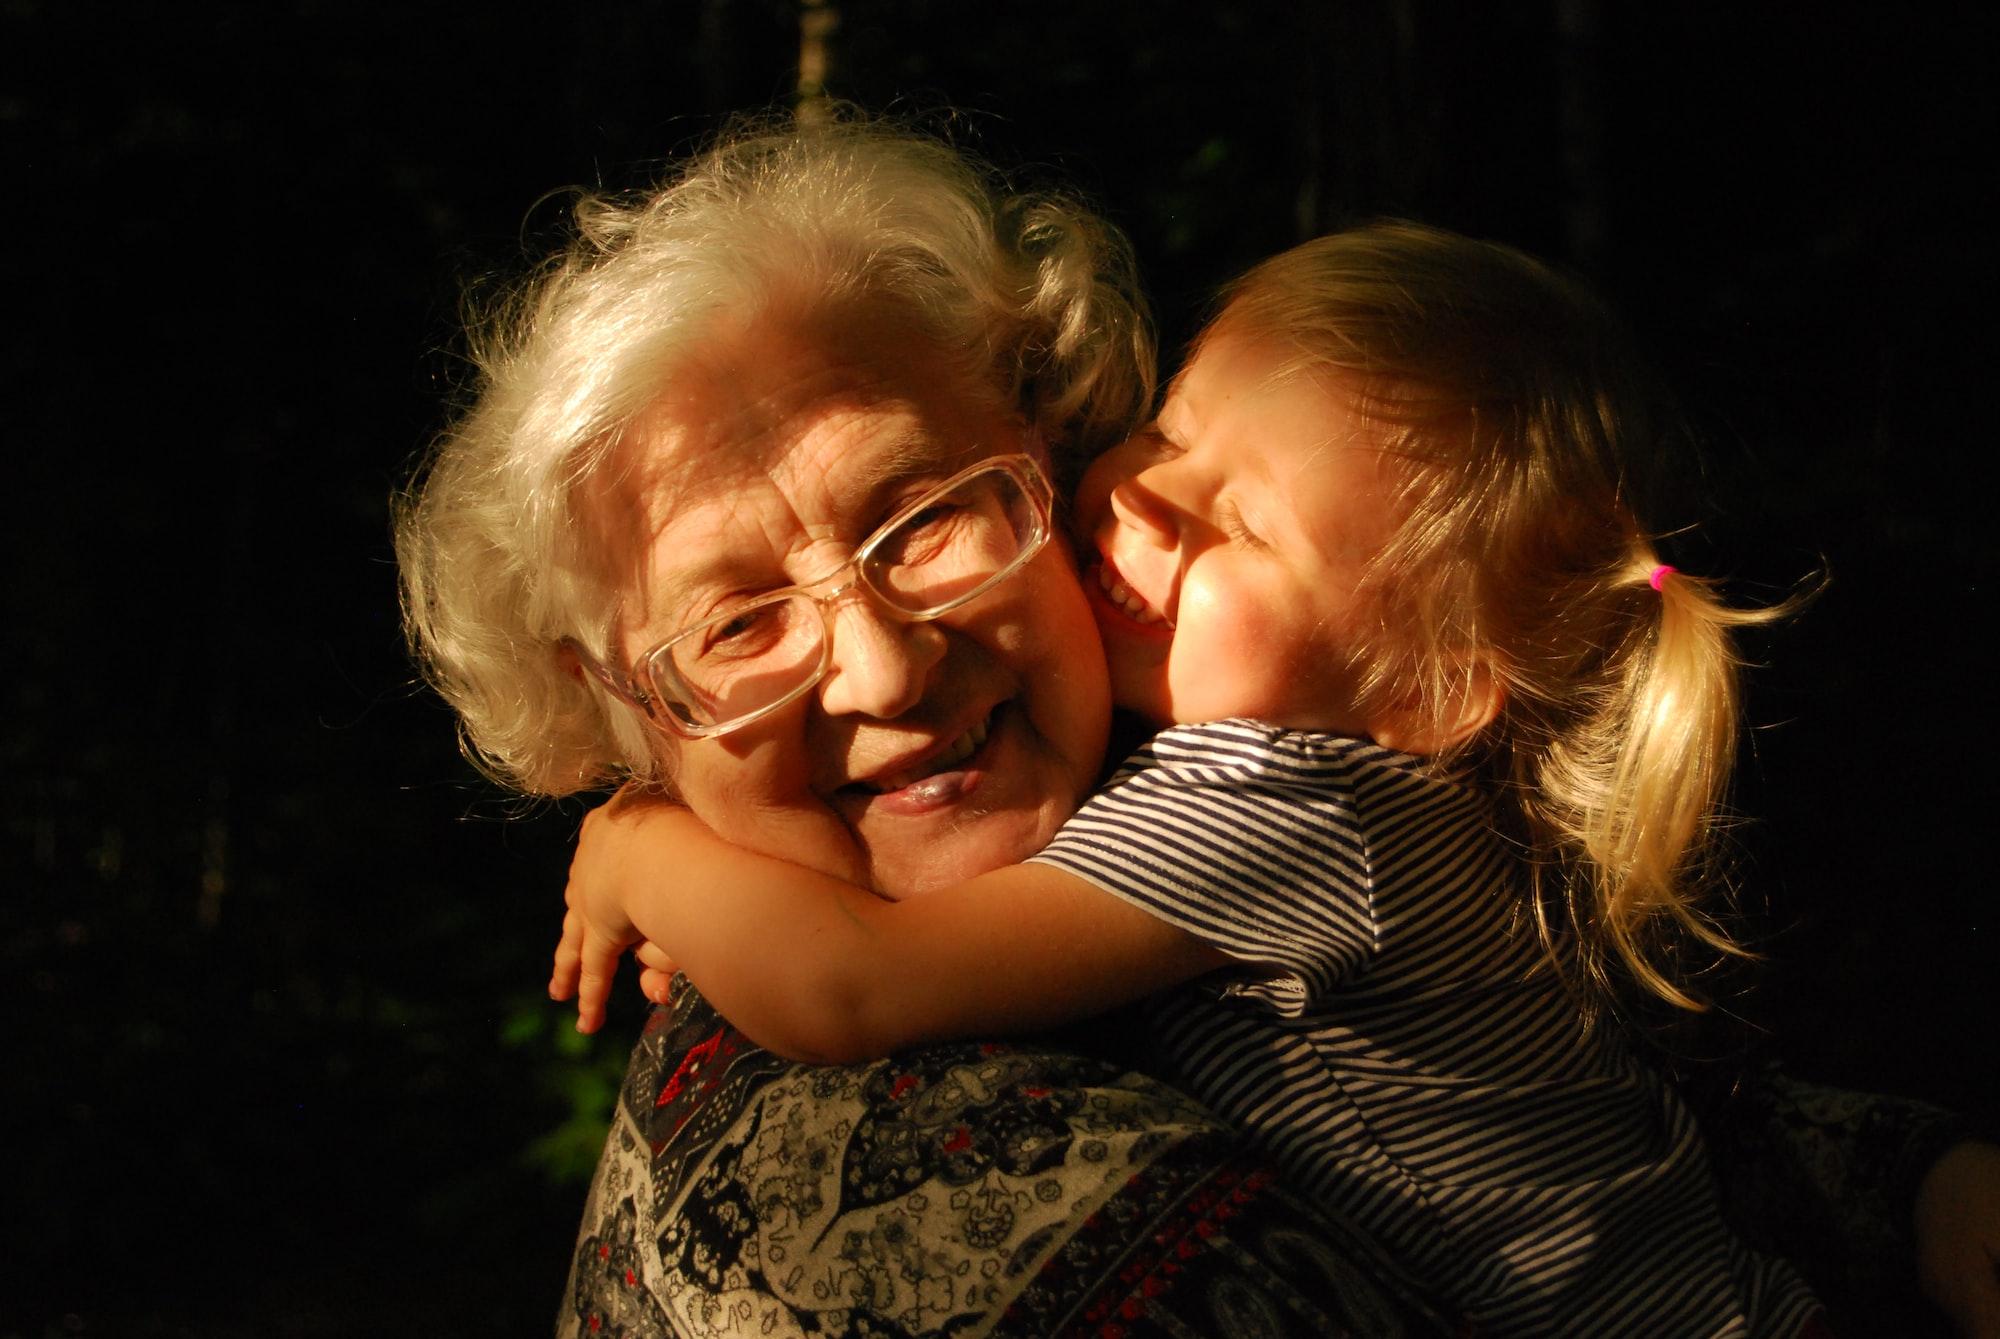 Правду бабуся каже. Жарт але в ньому велика доля правди.